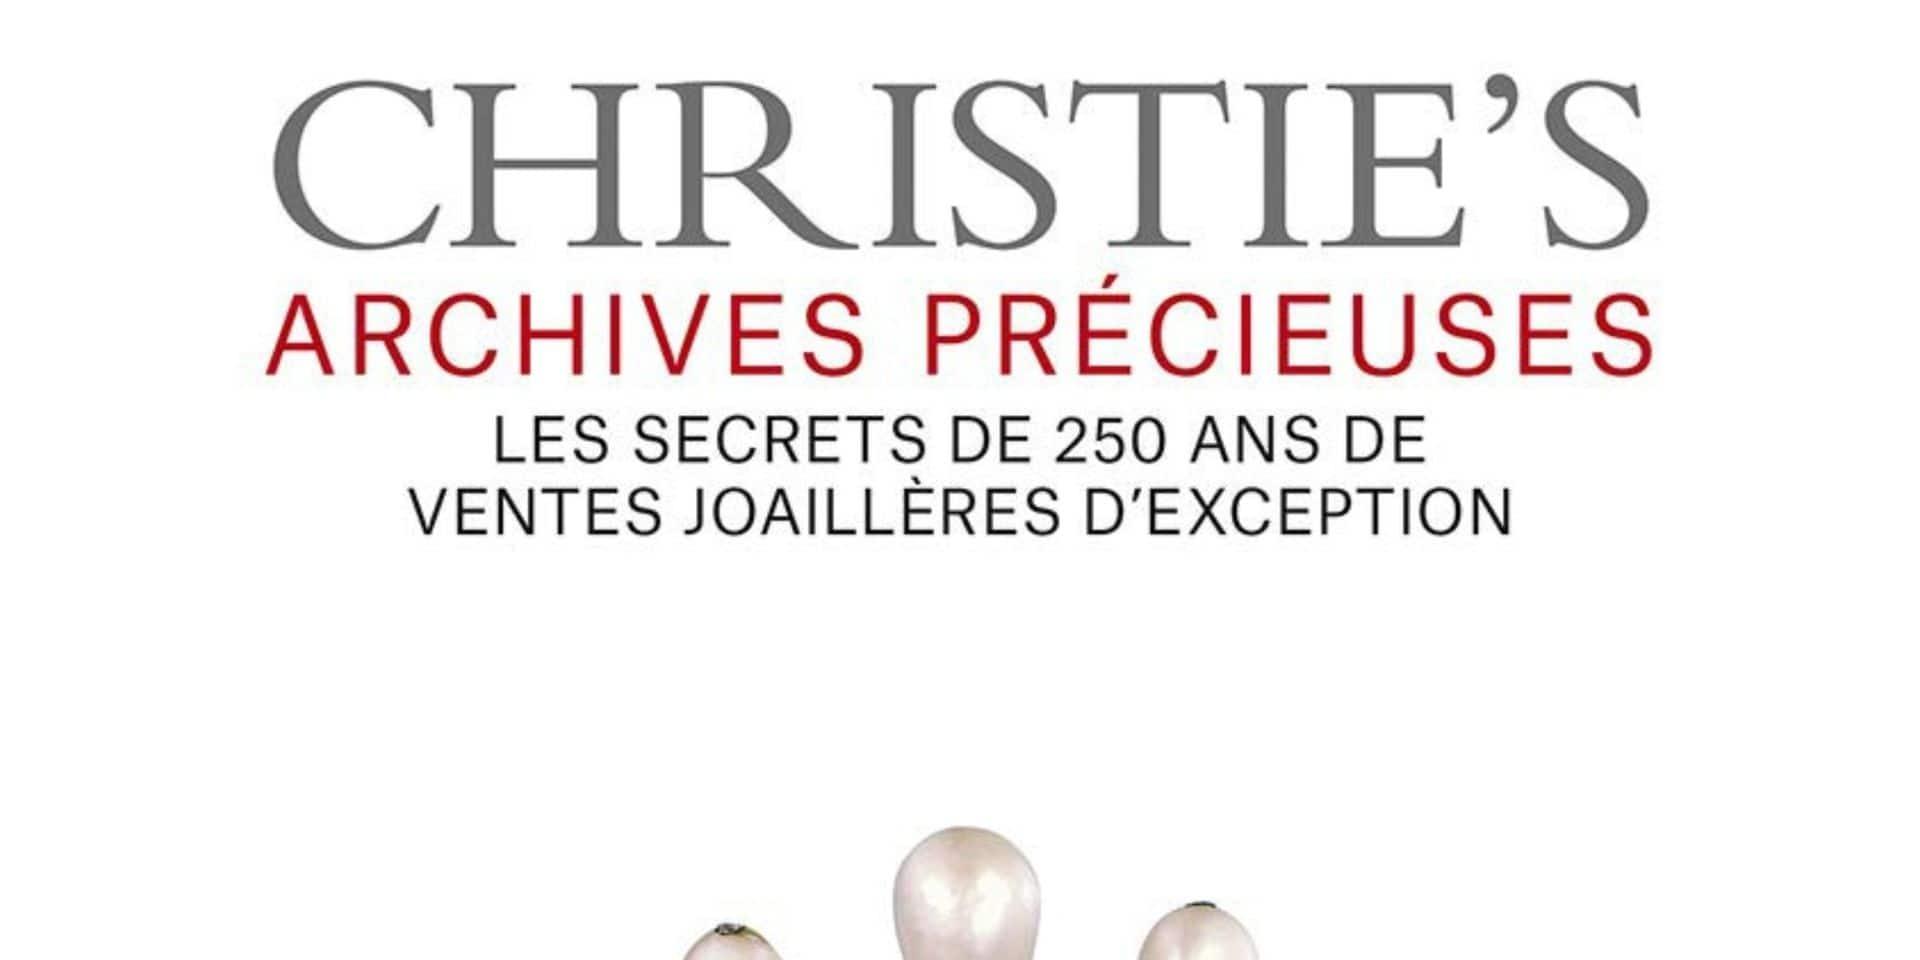 Les archives de Christie's dévoilée